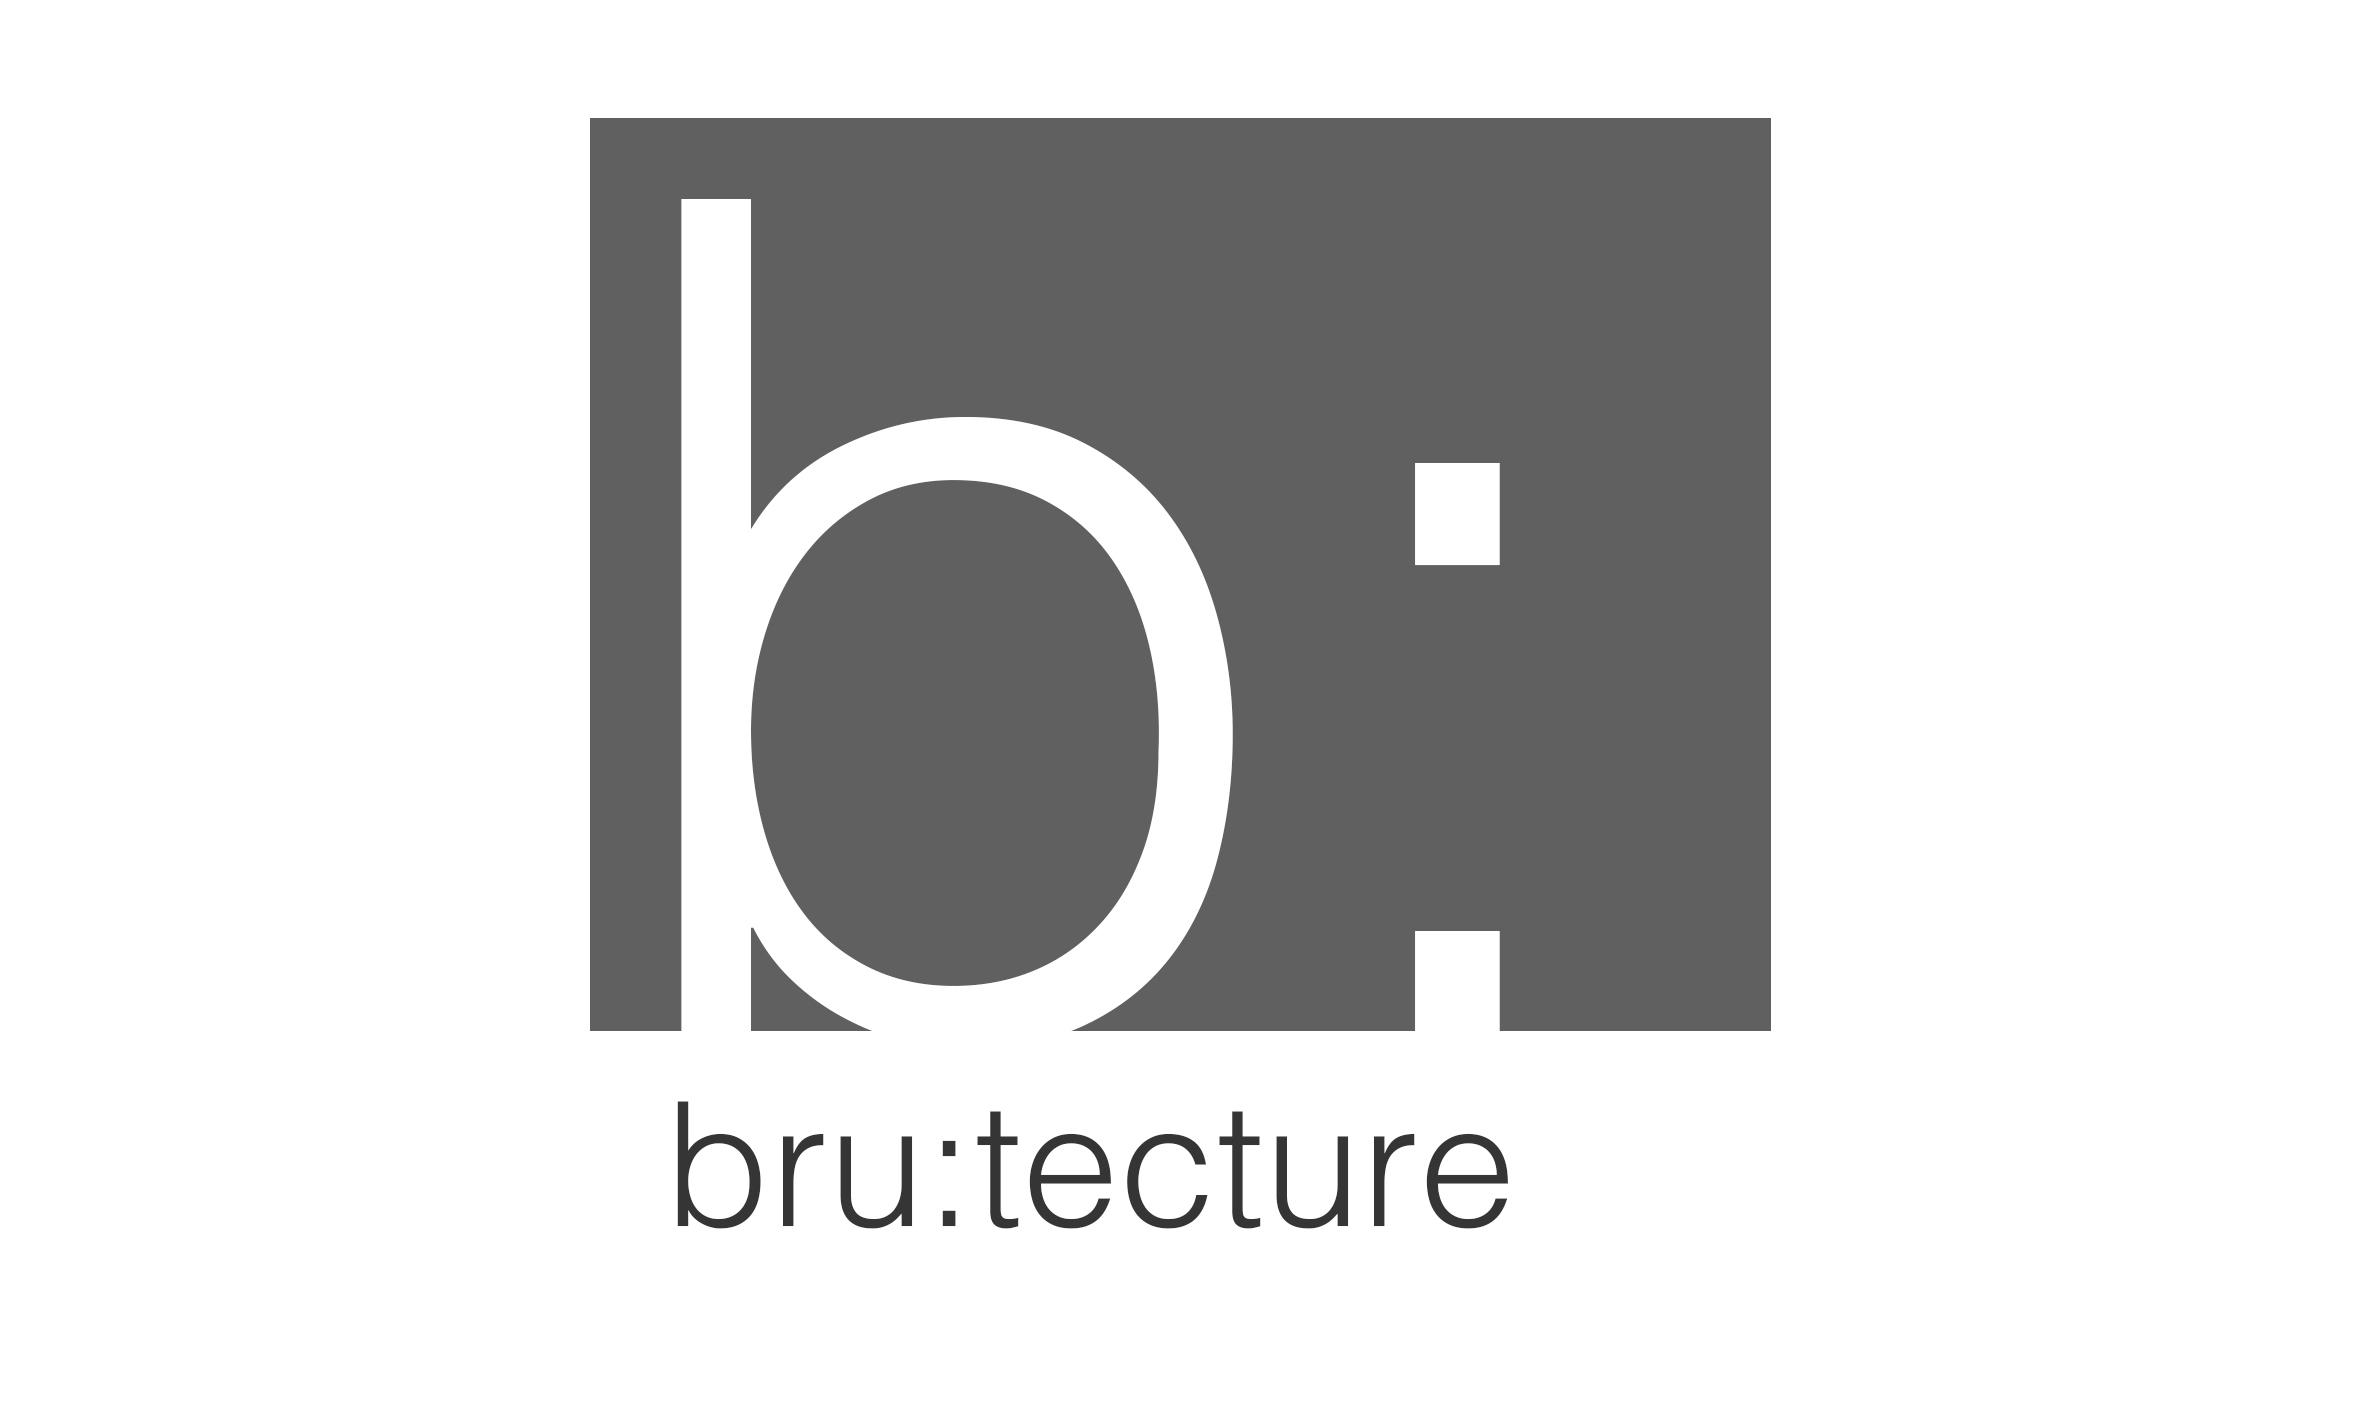 bru:tecture